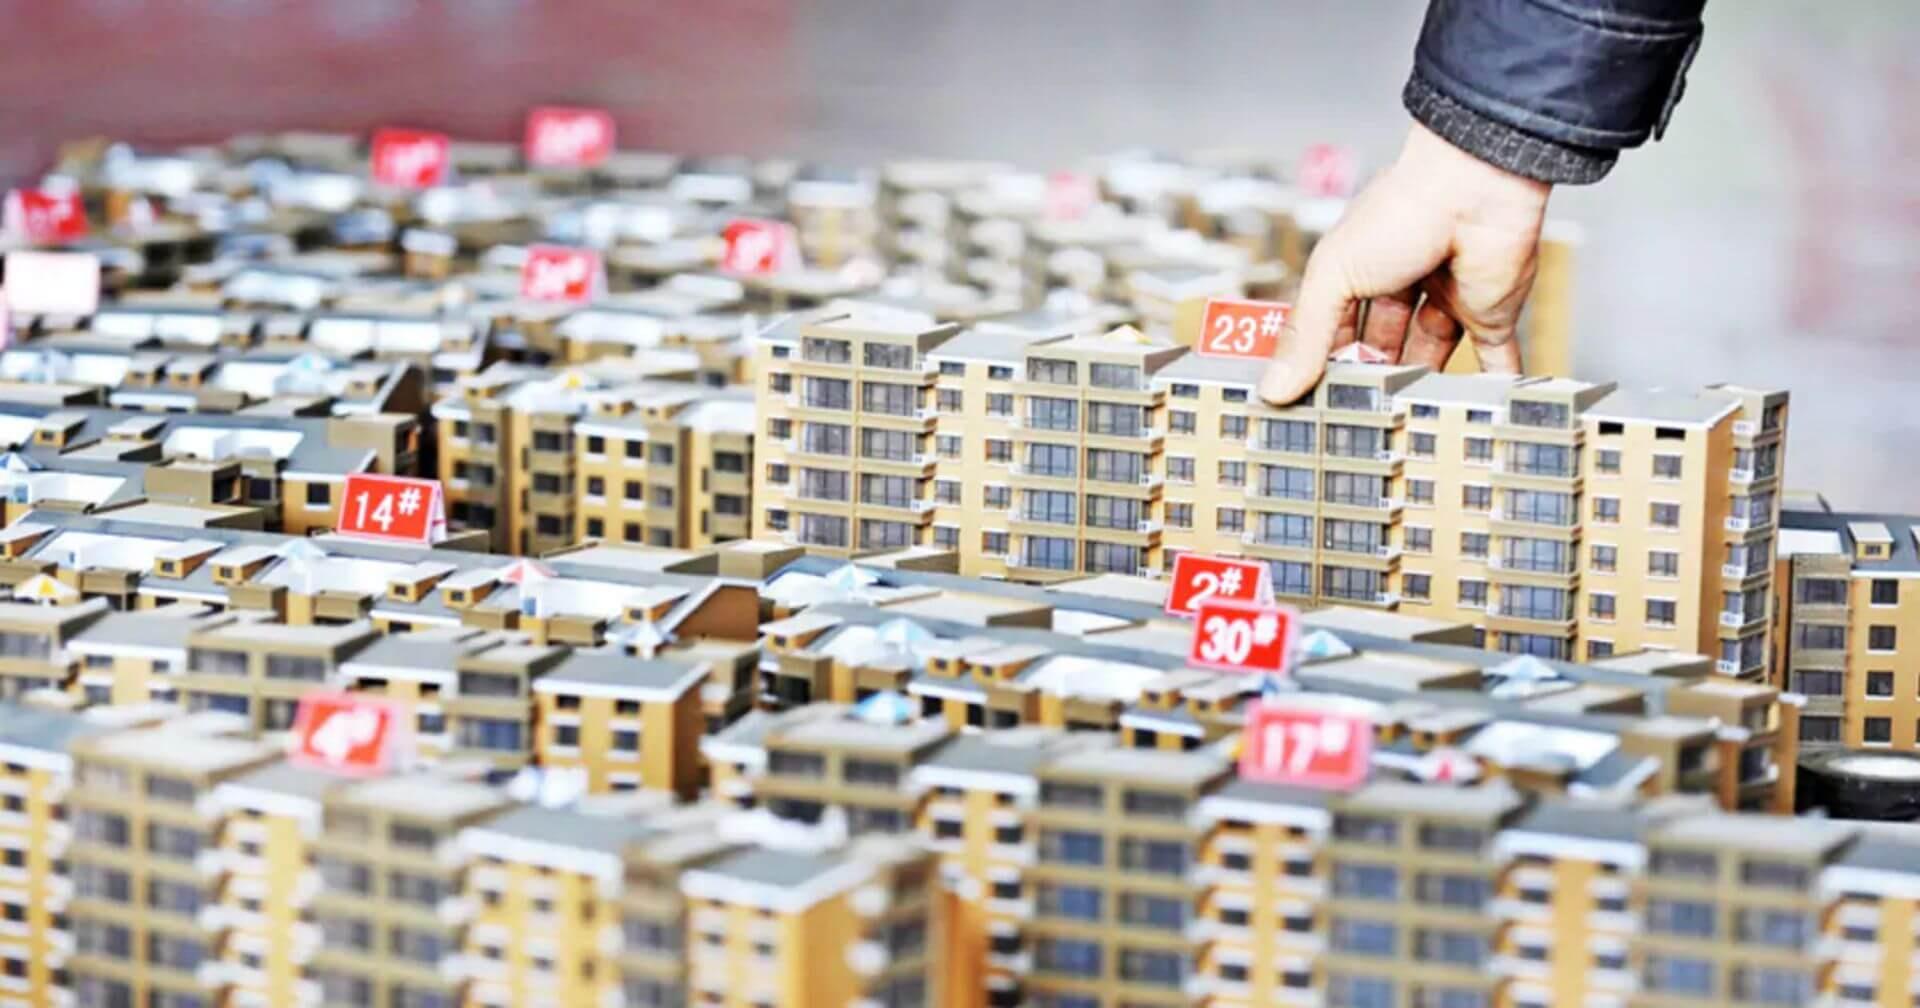 Льготная ипотека. Москвичи скупают недвижимость